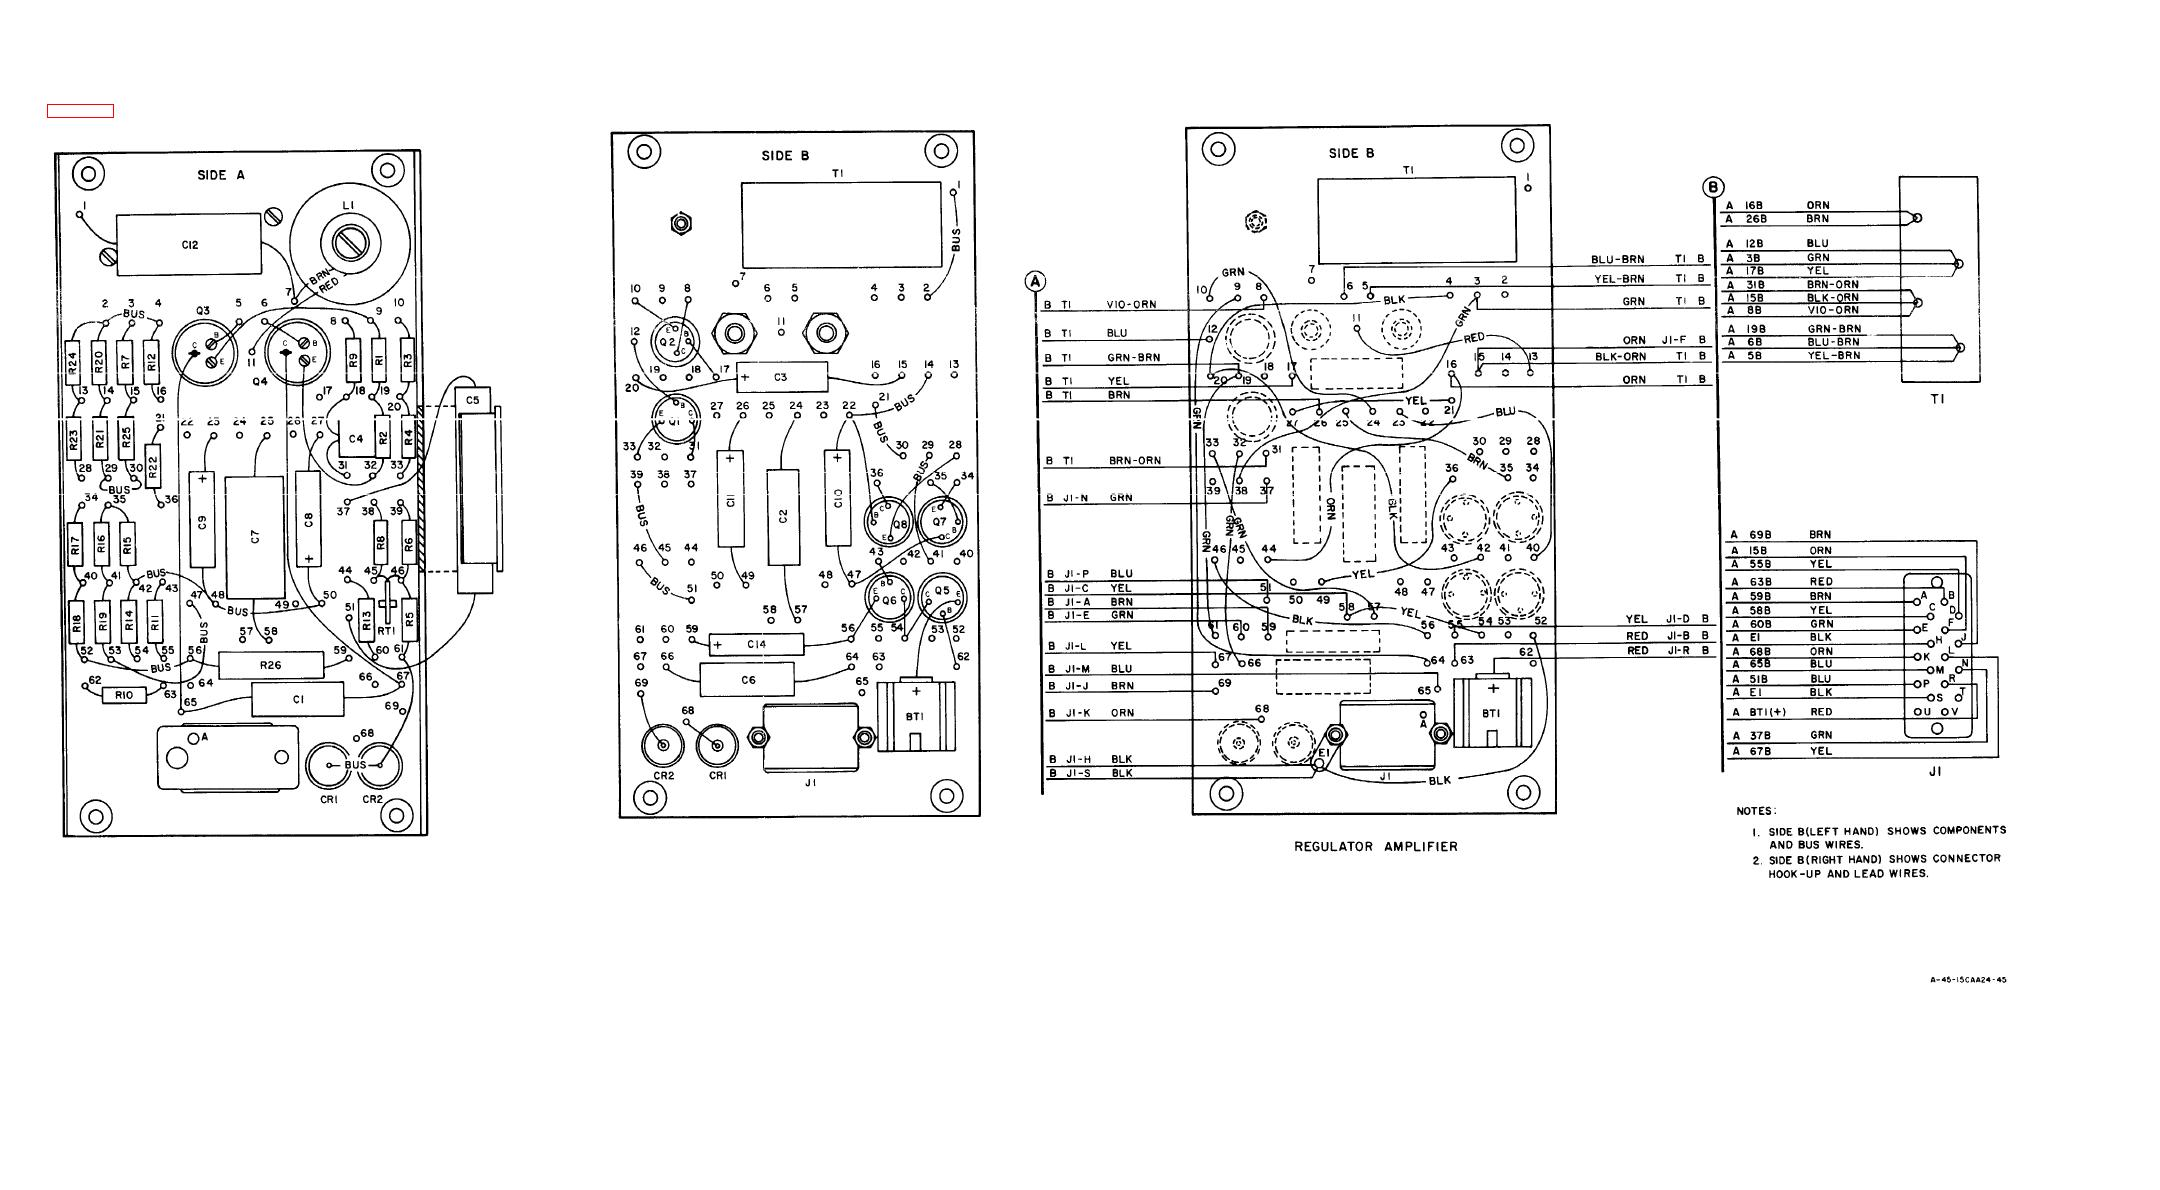 Figure 6 13 Regulator Amplifier Wiring Diagram